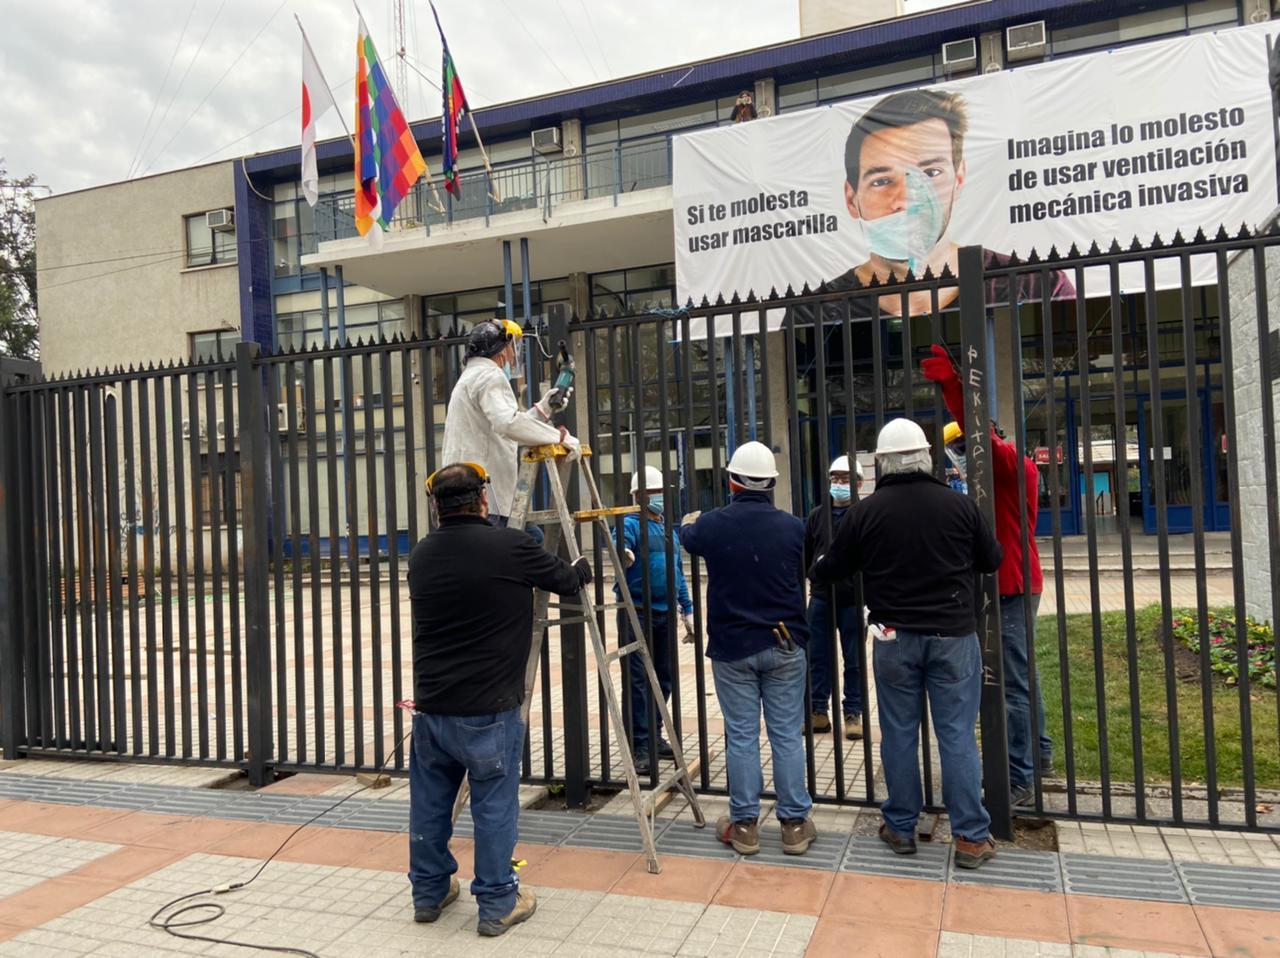 ¡Adiós a la reja! Municipalidad de San Bernardo reabre frontis y retira cierre instalado durante el estallido social